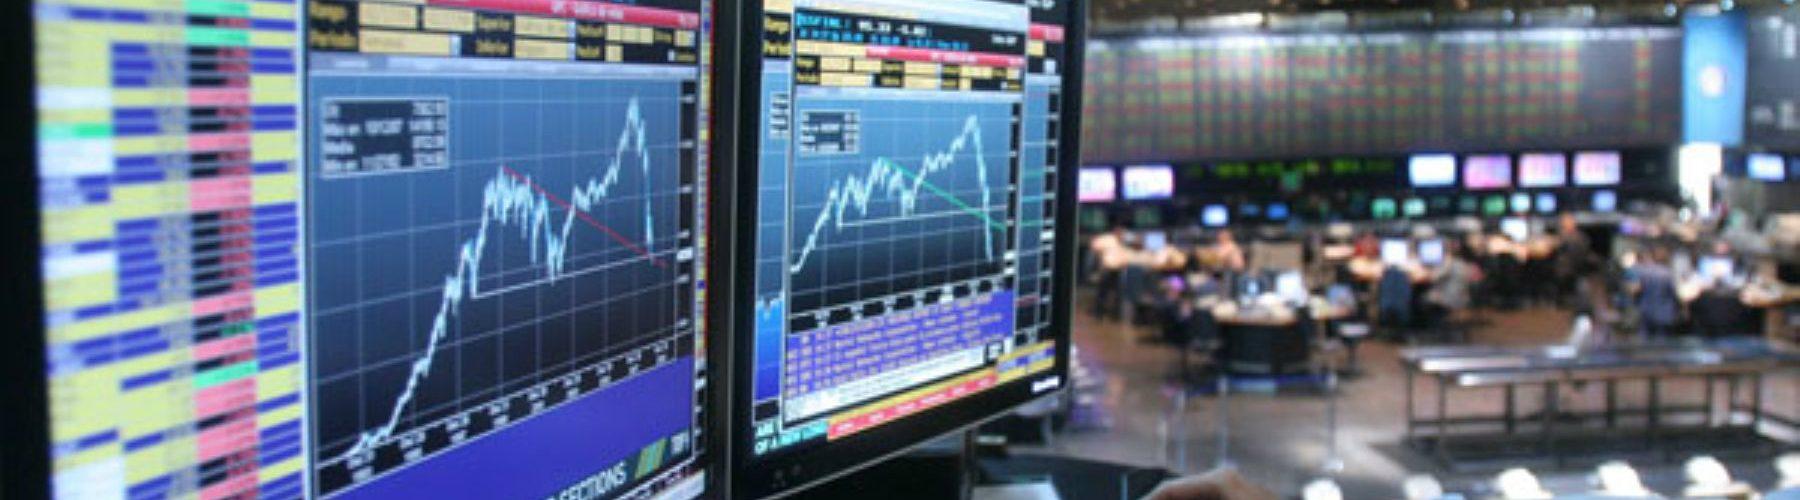 Acciones y fondos de inversión